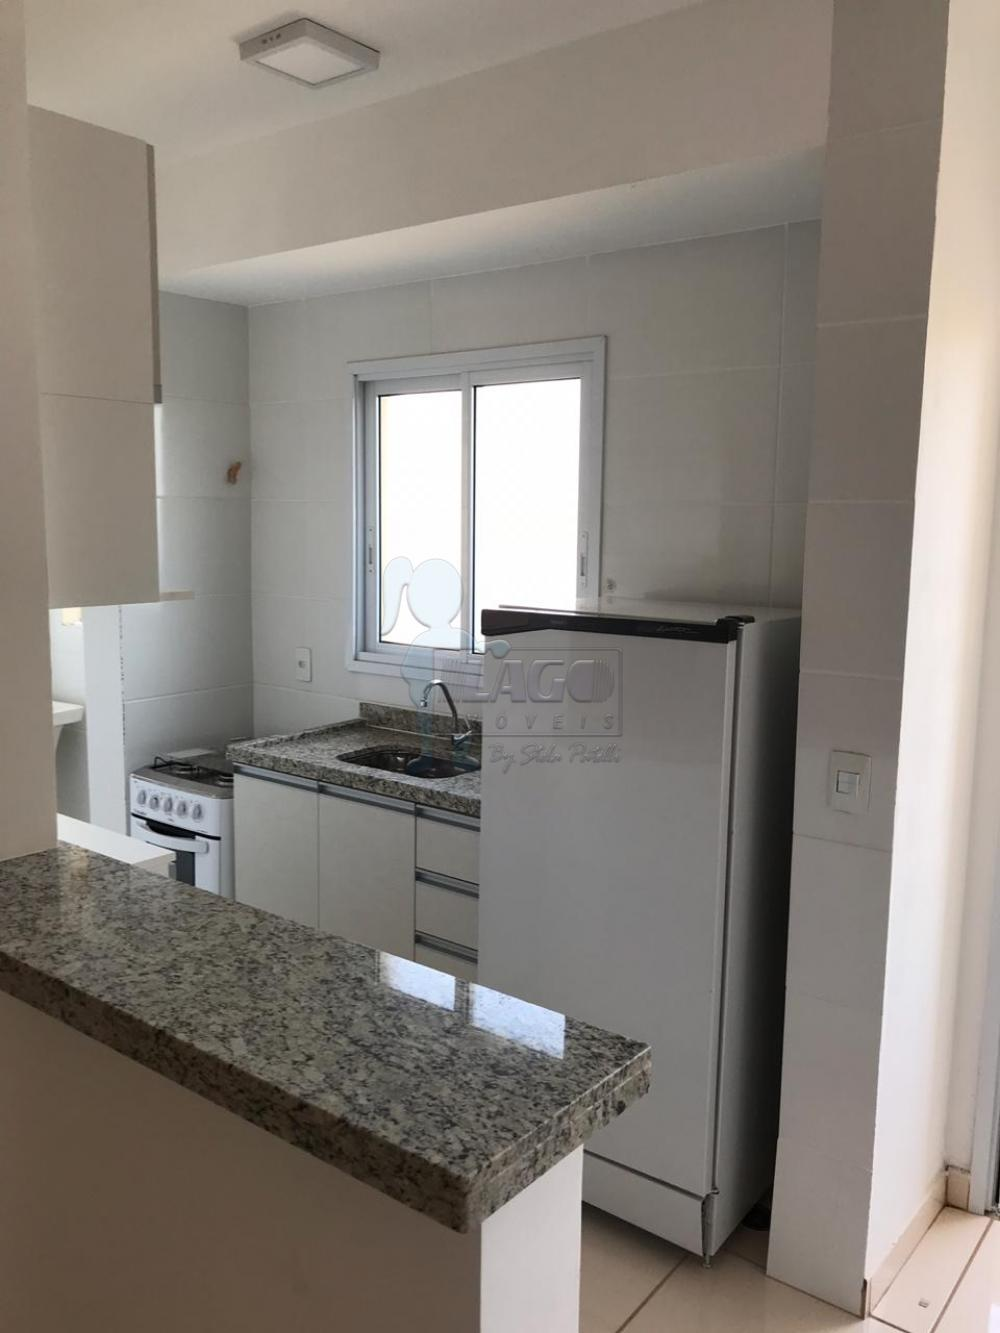 Comprar Apartamento / Padrão em Ribeirão Preto apenas R$ 190.000,00 - Foto 5